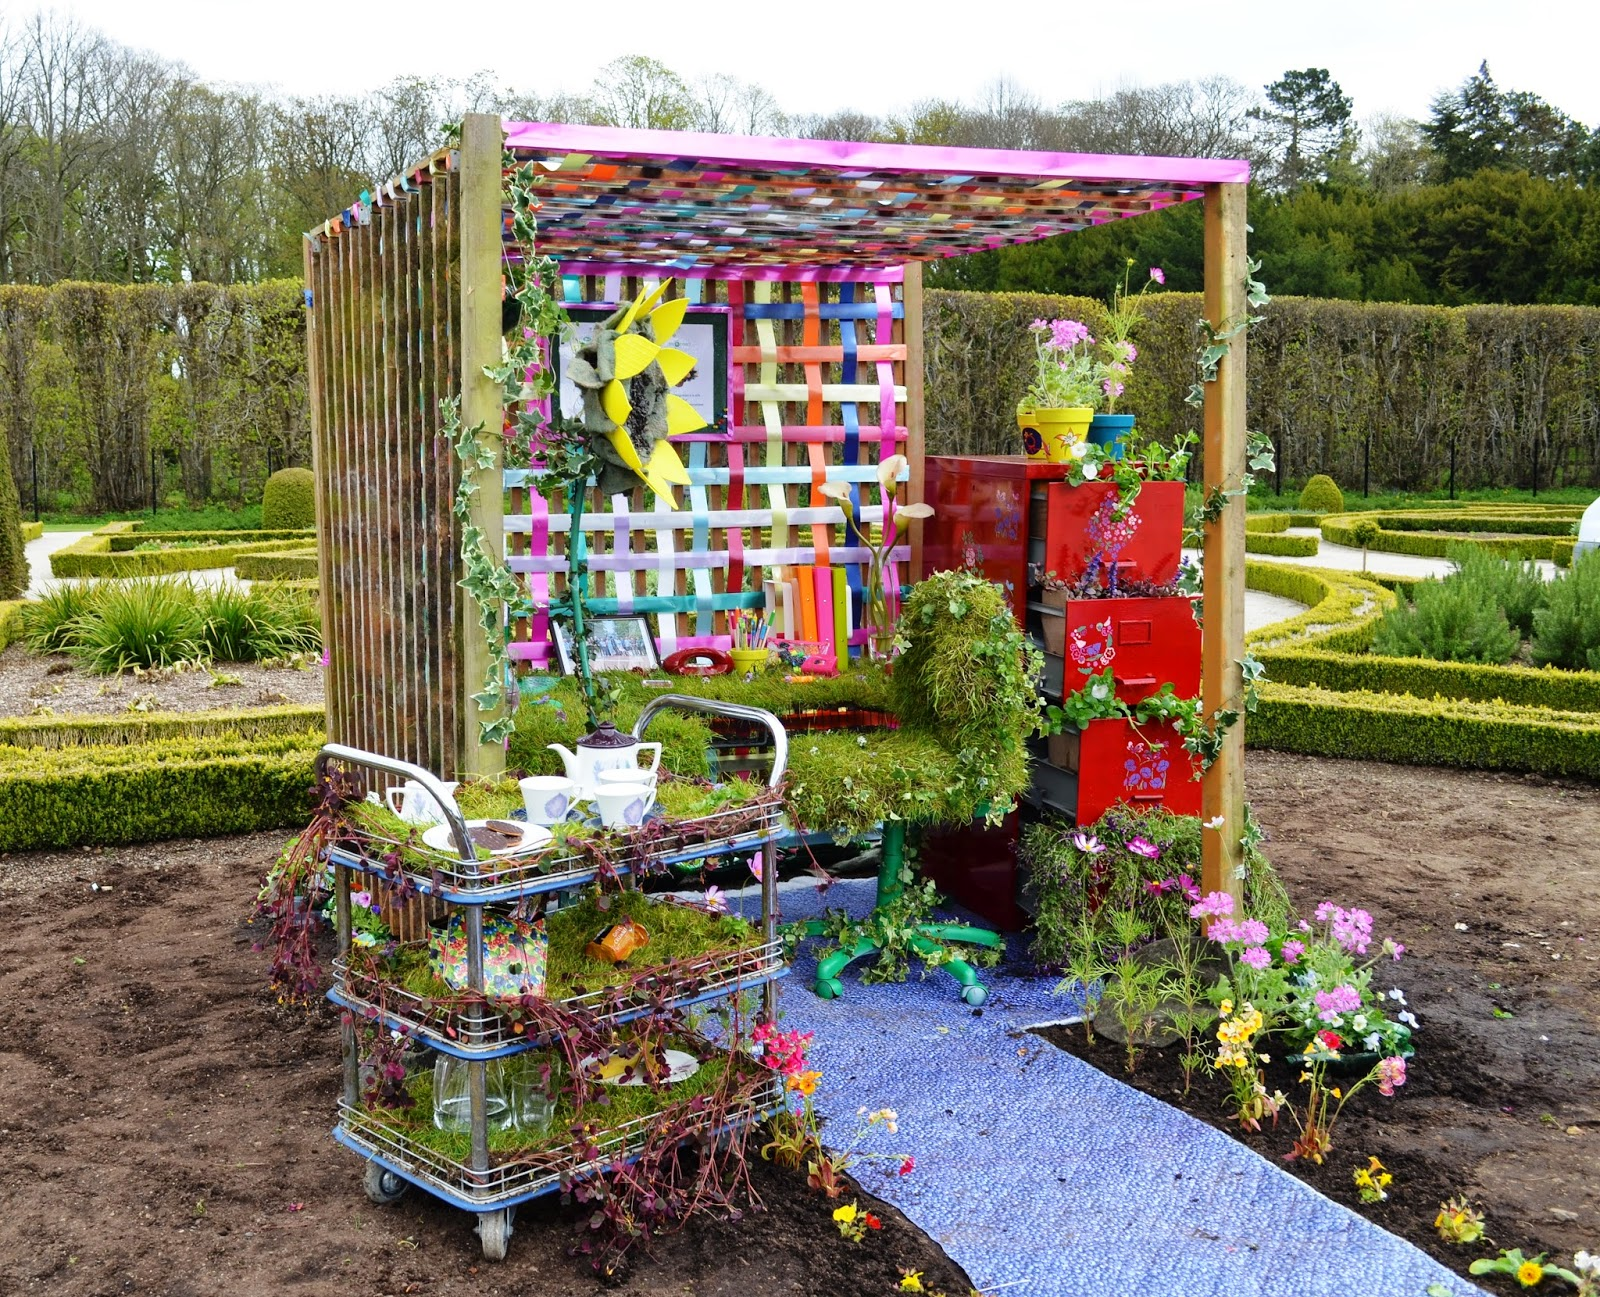 garden show ireland fun tastic displays - Garden Design Northern Ireland